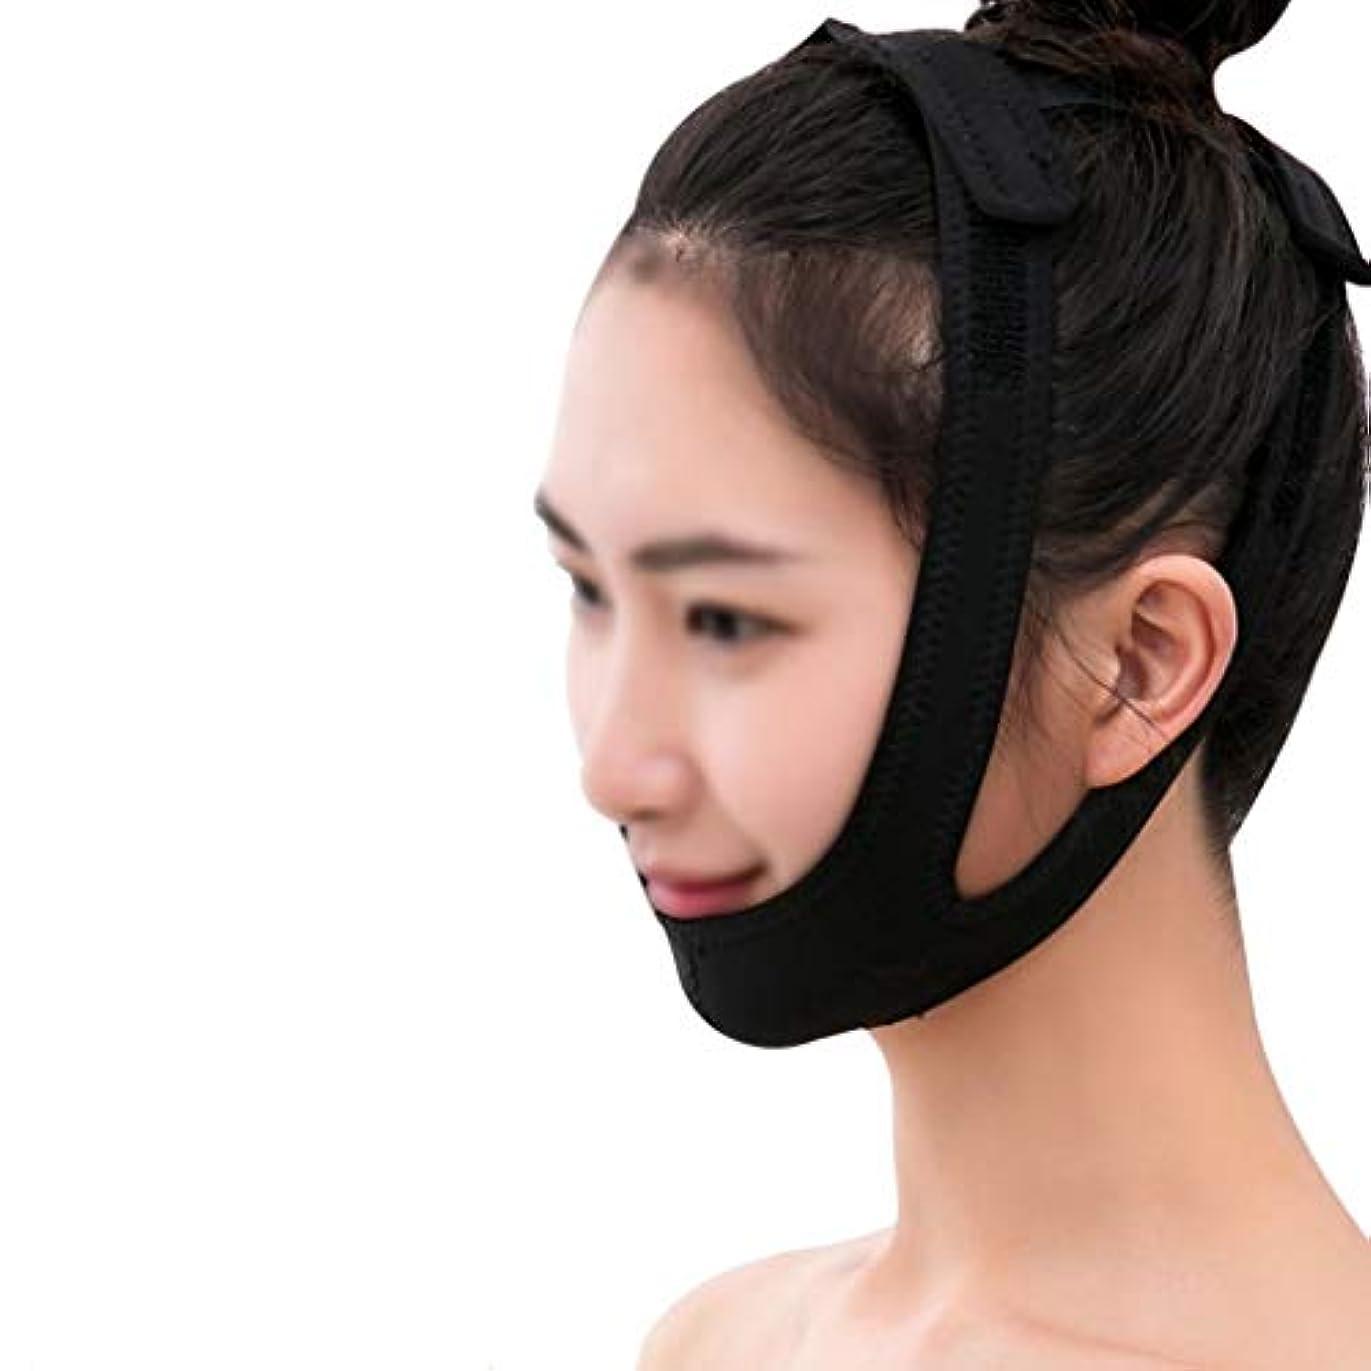 うまくやる()騒乱弱まるフェイシャルリフティングマスク、医療用ワイヤーカービングリカバリーヘッドギアVフェイスバンデージダブルチンフェイスリフトマスクブラック